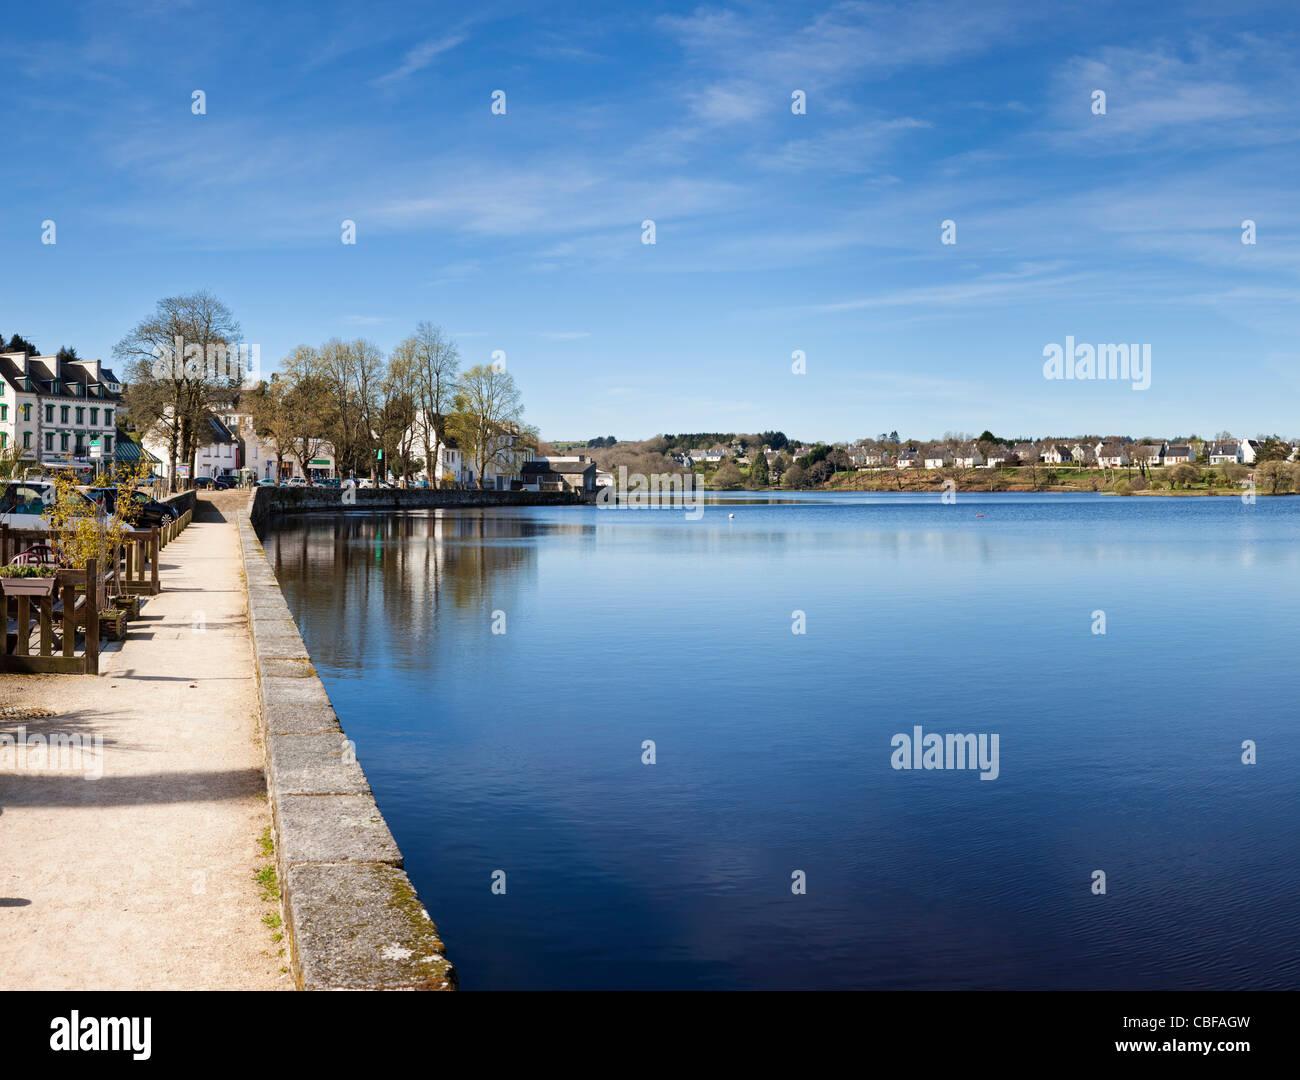 Weg am Seeufer bei Huelgoat, Bretagne, Frankreich Stockbild